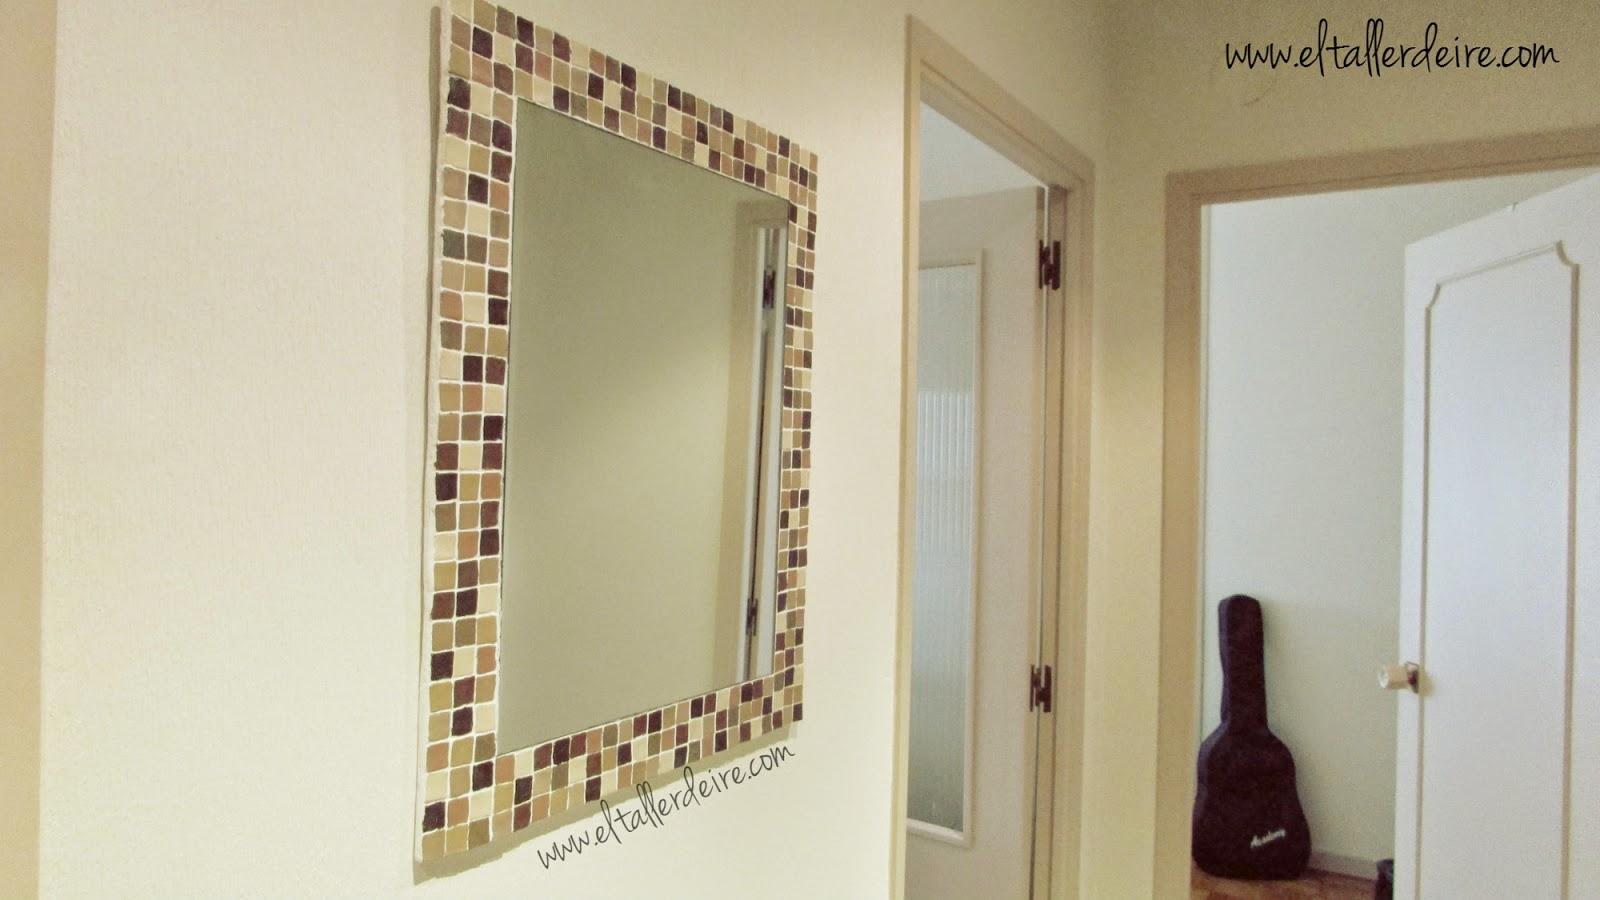 C mo hacer un marco grande con mosaico el taller de ire for Espejos grandes con marco